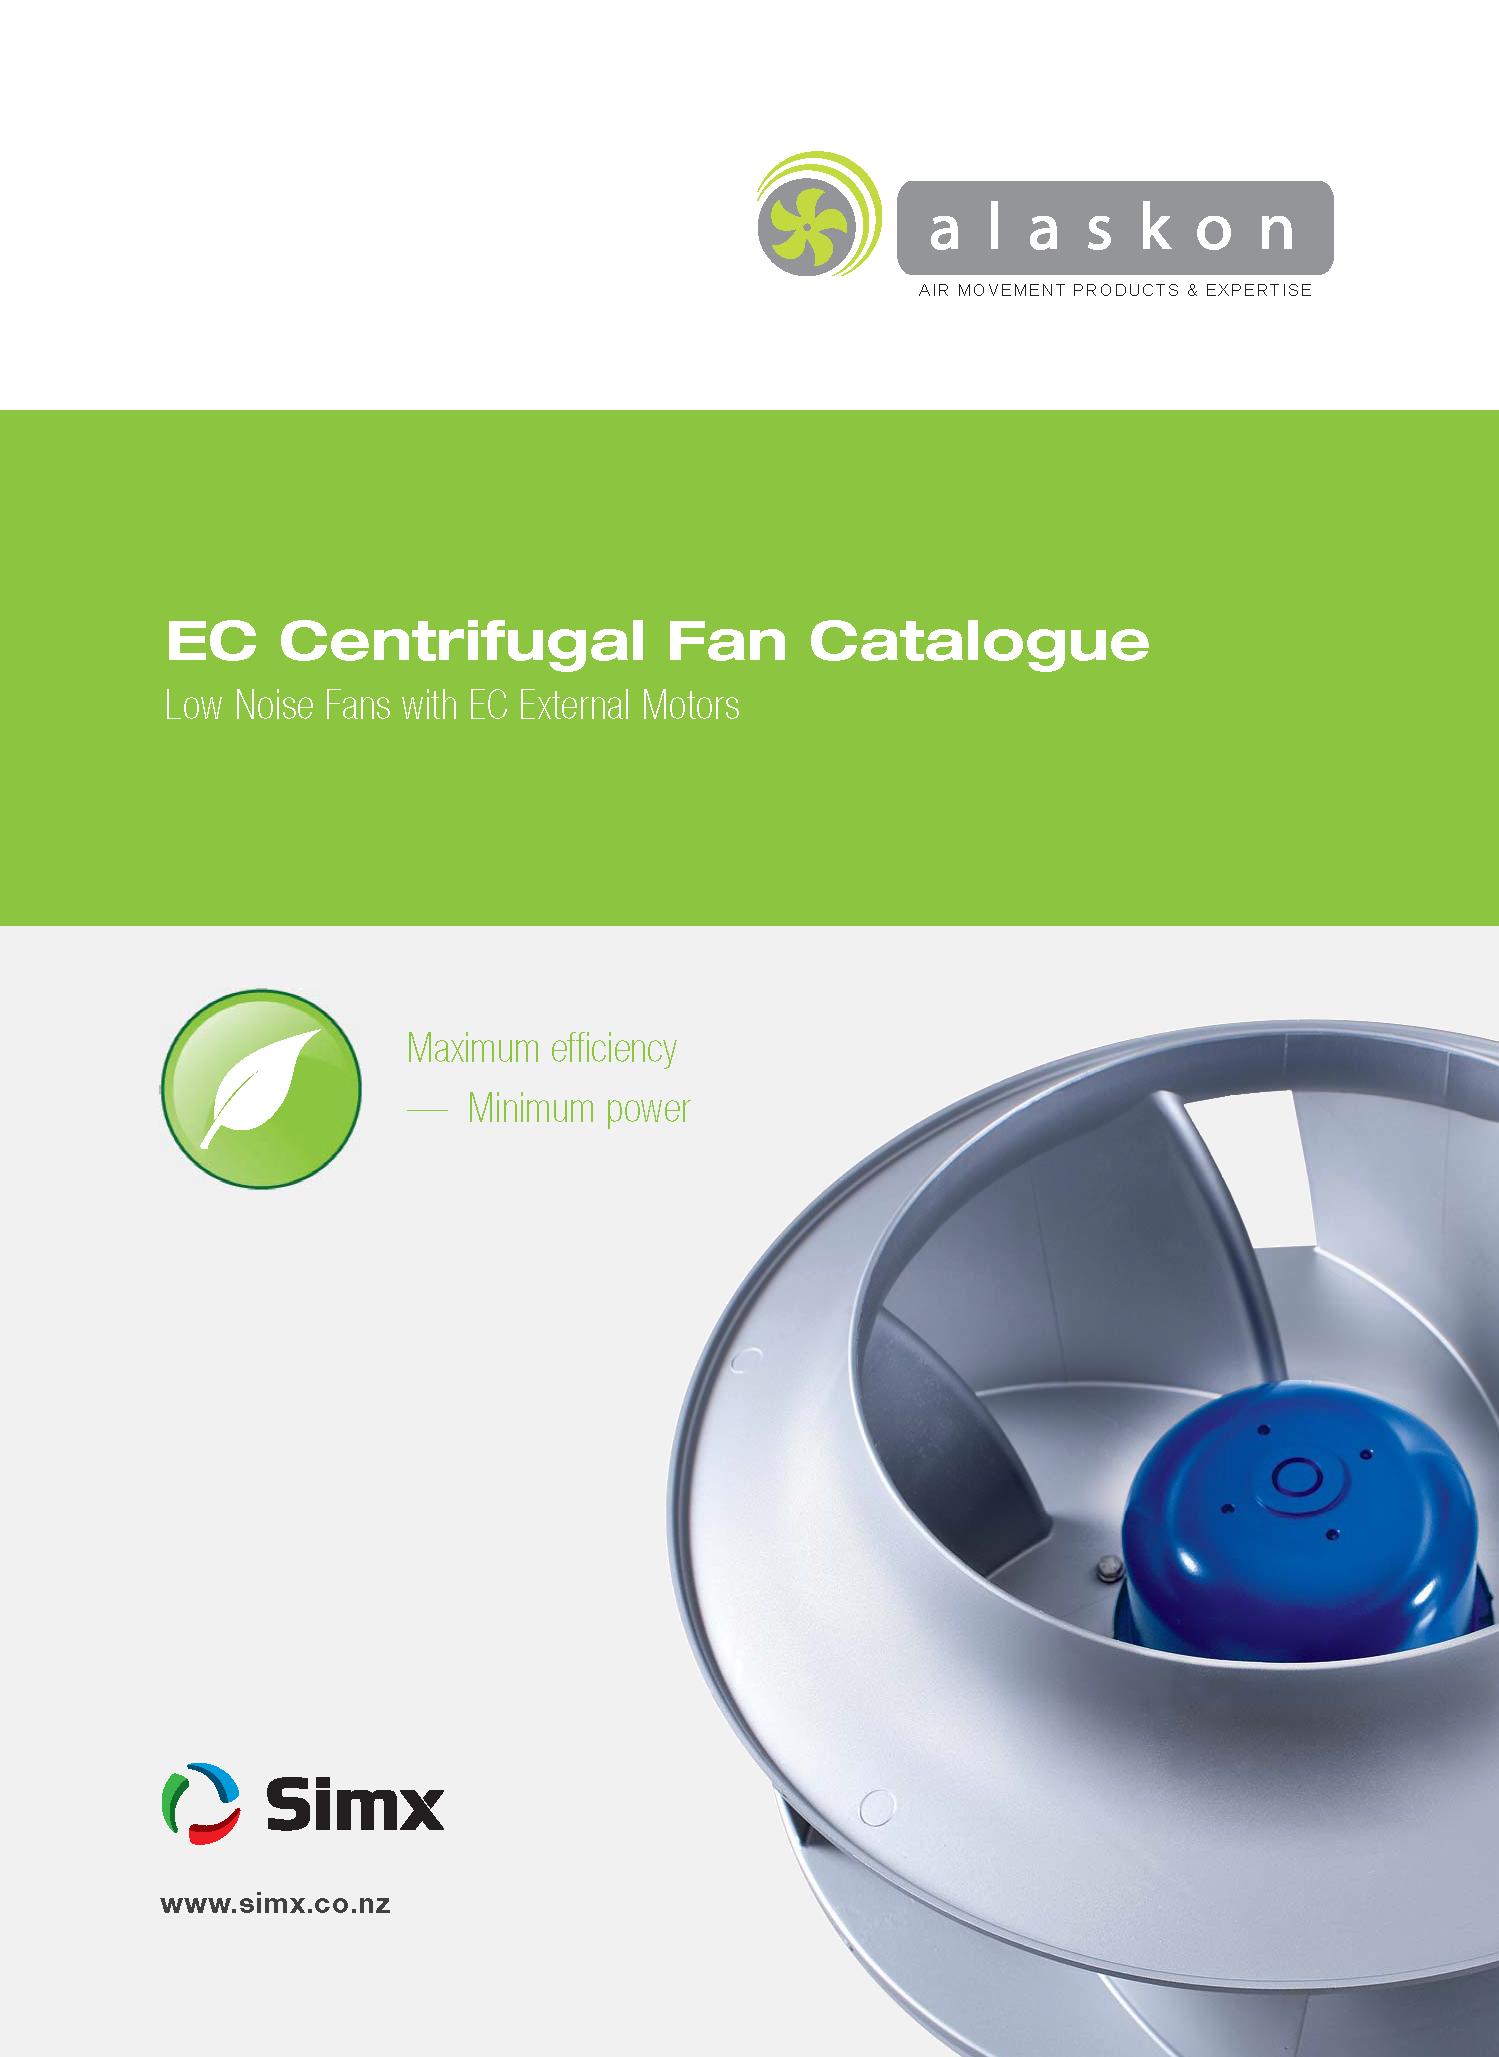 EC Centrifugal Fan Catalogue